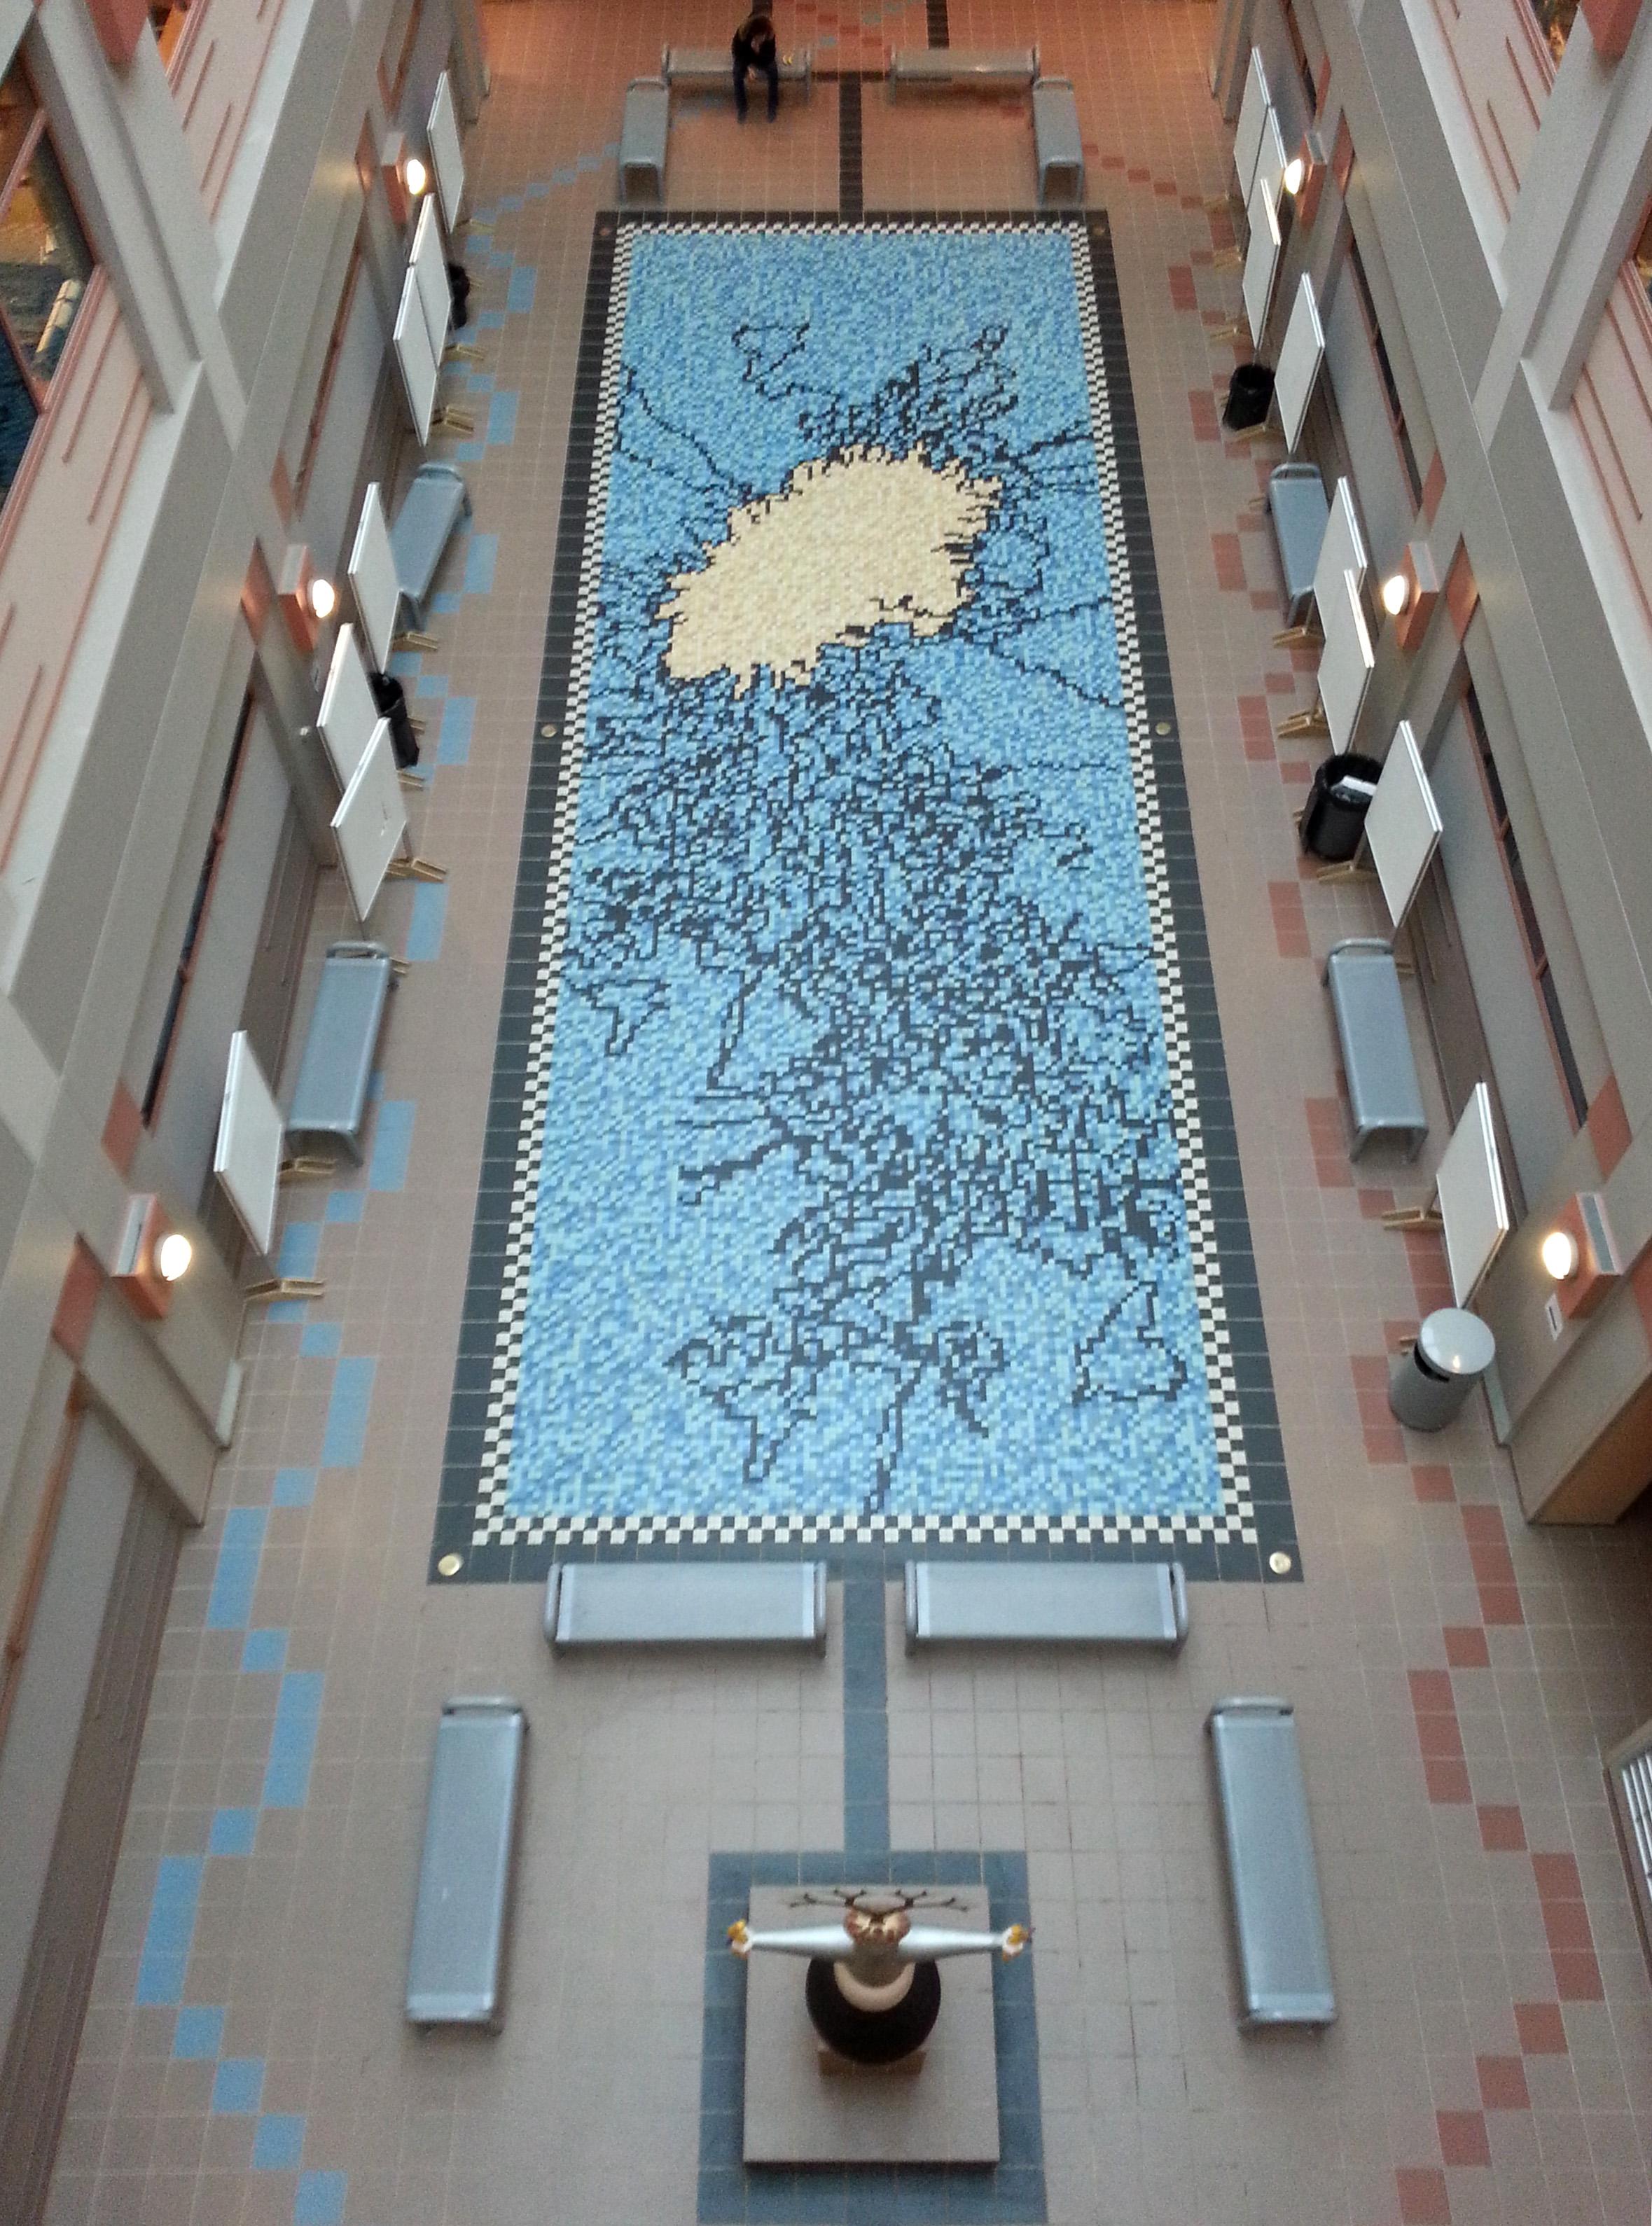 Molecular Biology Building Atrium